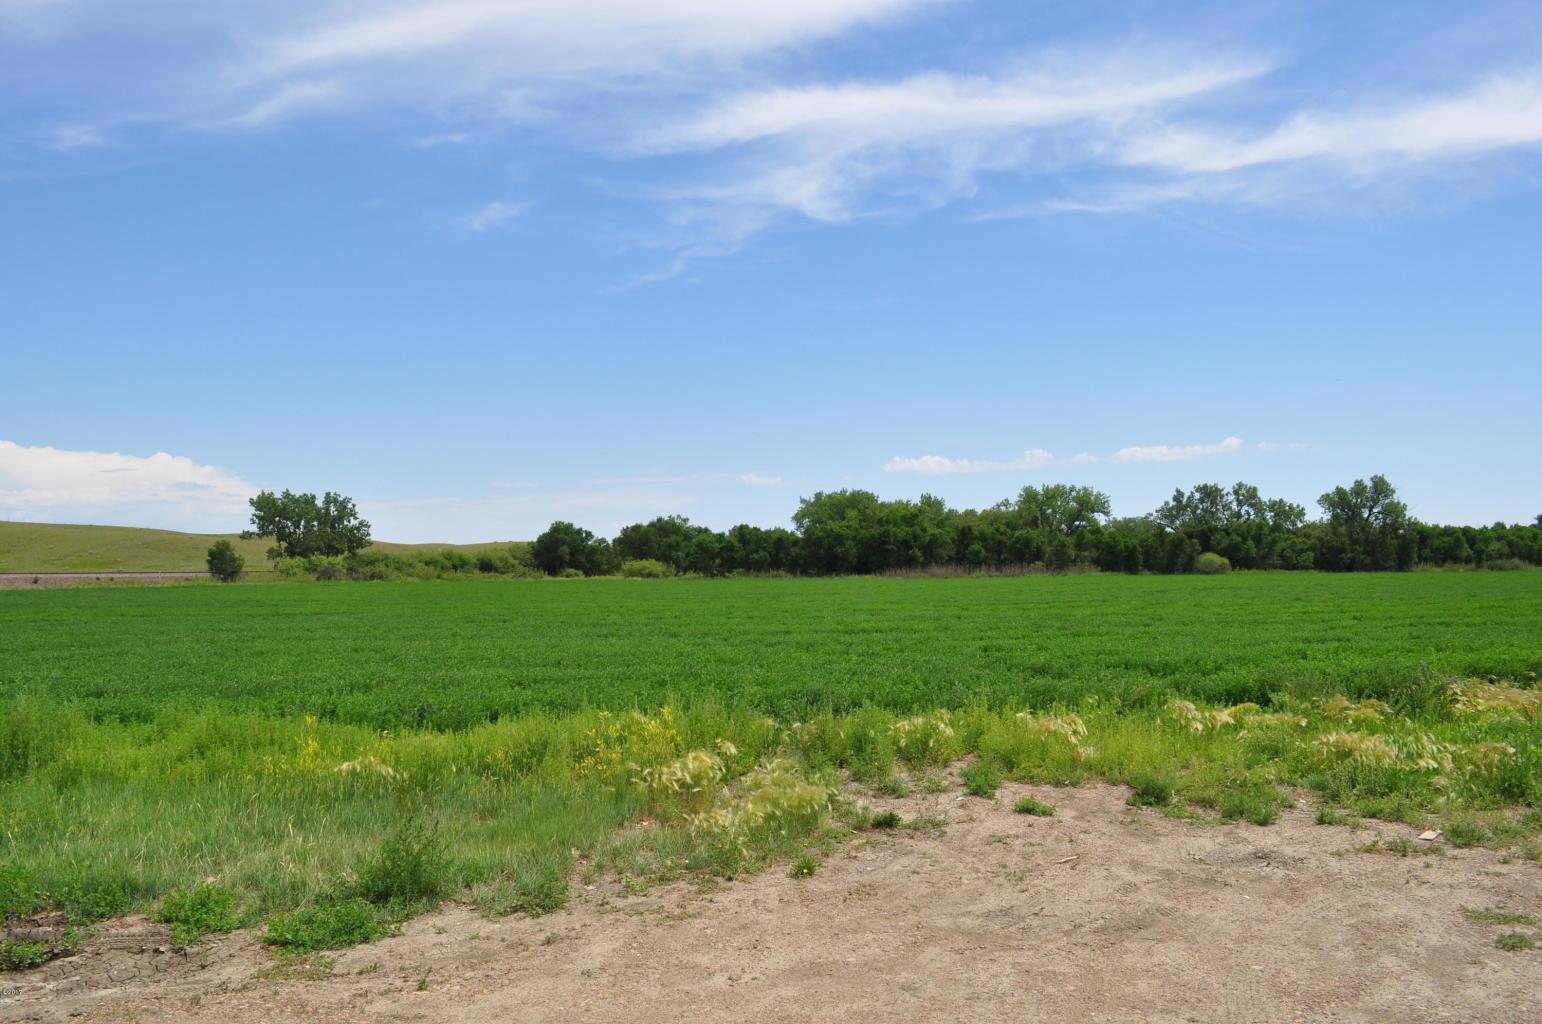 12 - Alfalfa field